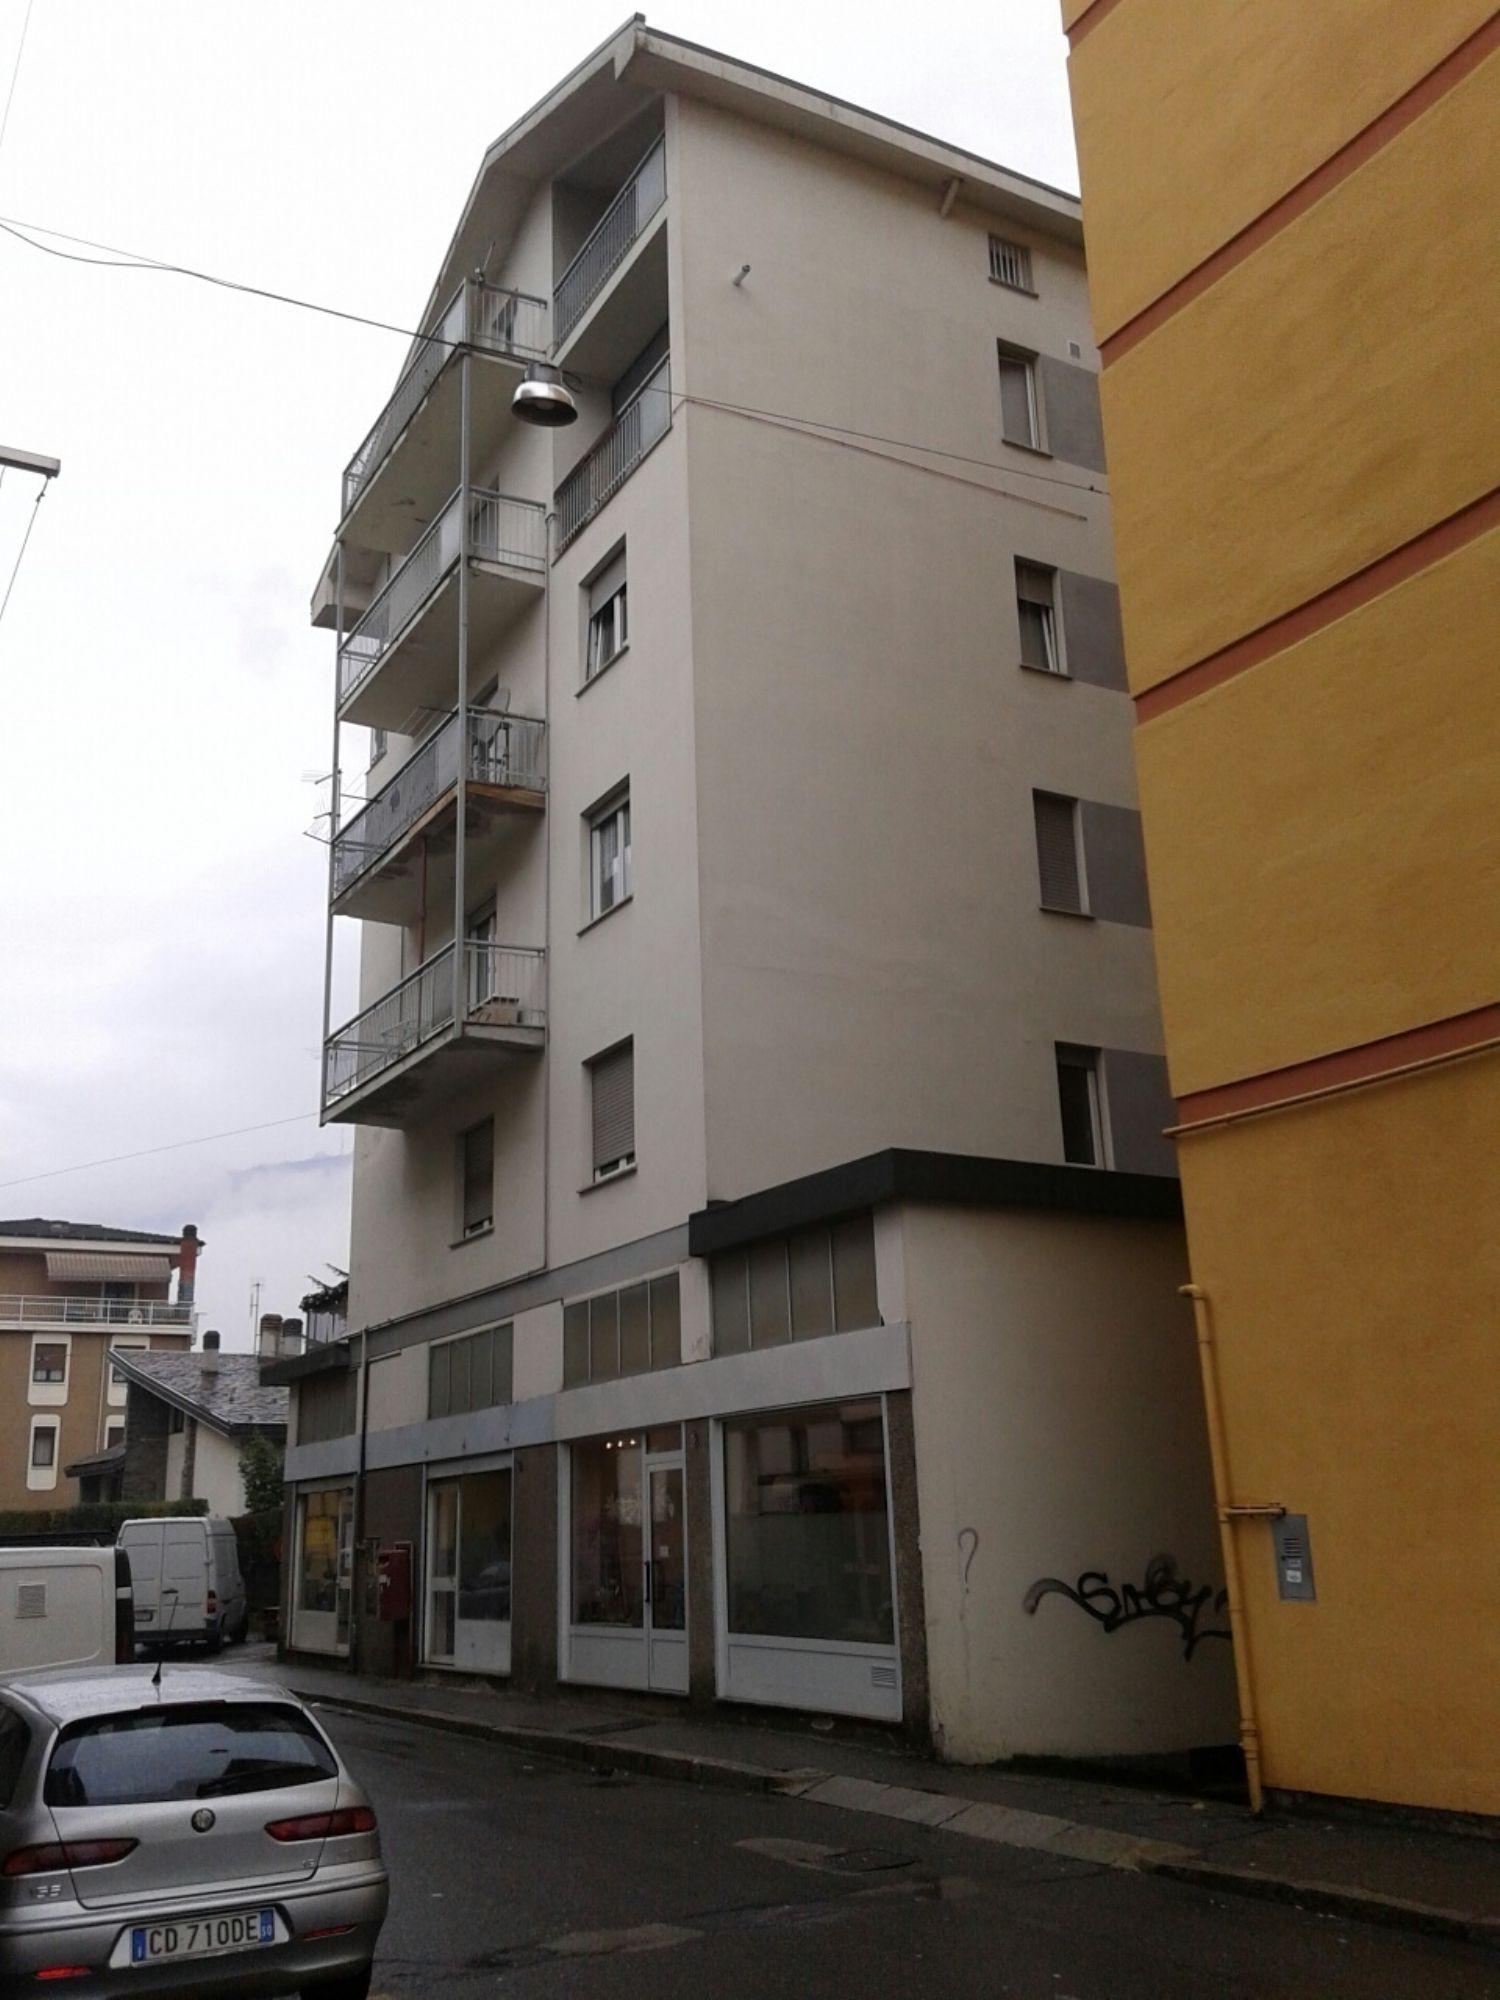 Immobile Commerciale in vendita a Sondrio, 9999 locali, prezzo € 69.000 | CambioCasa.it